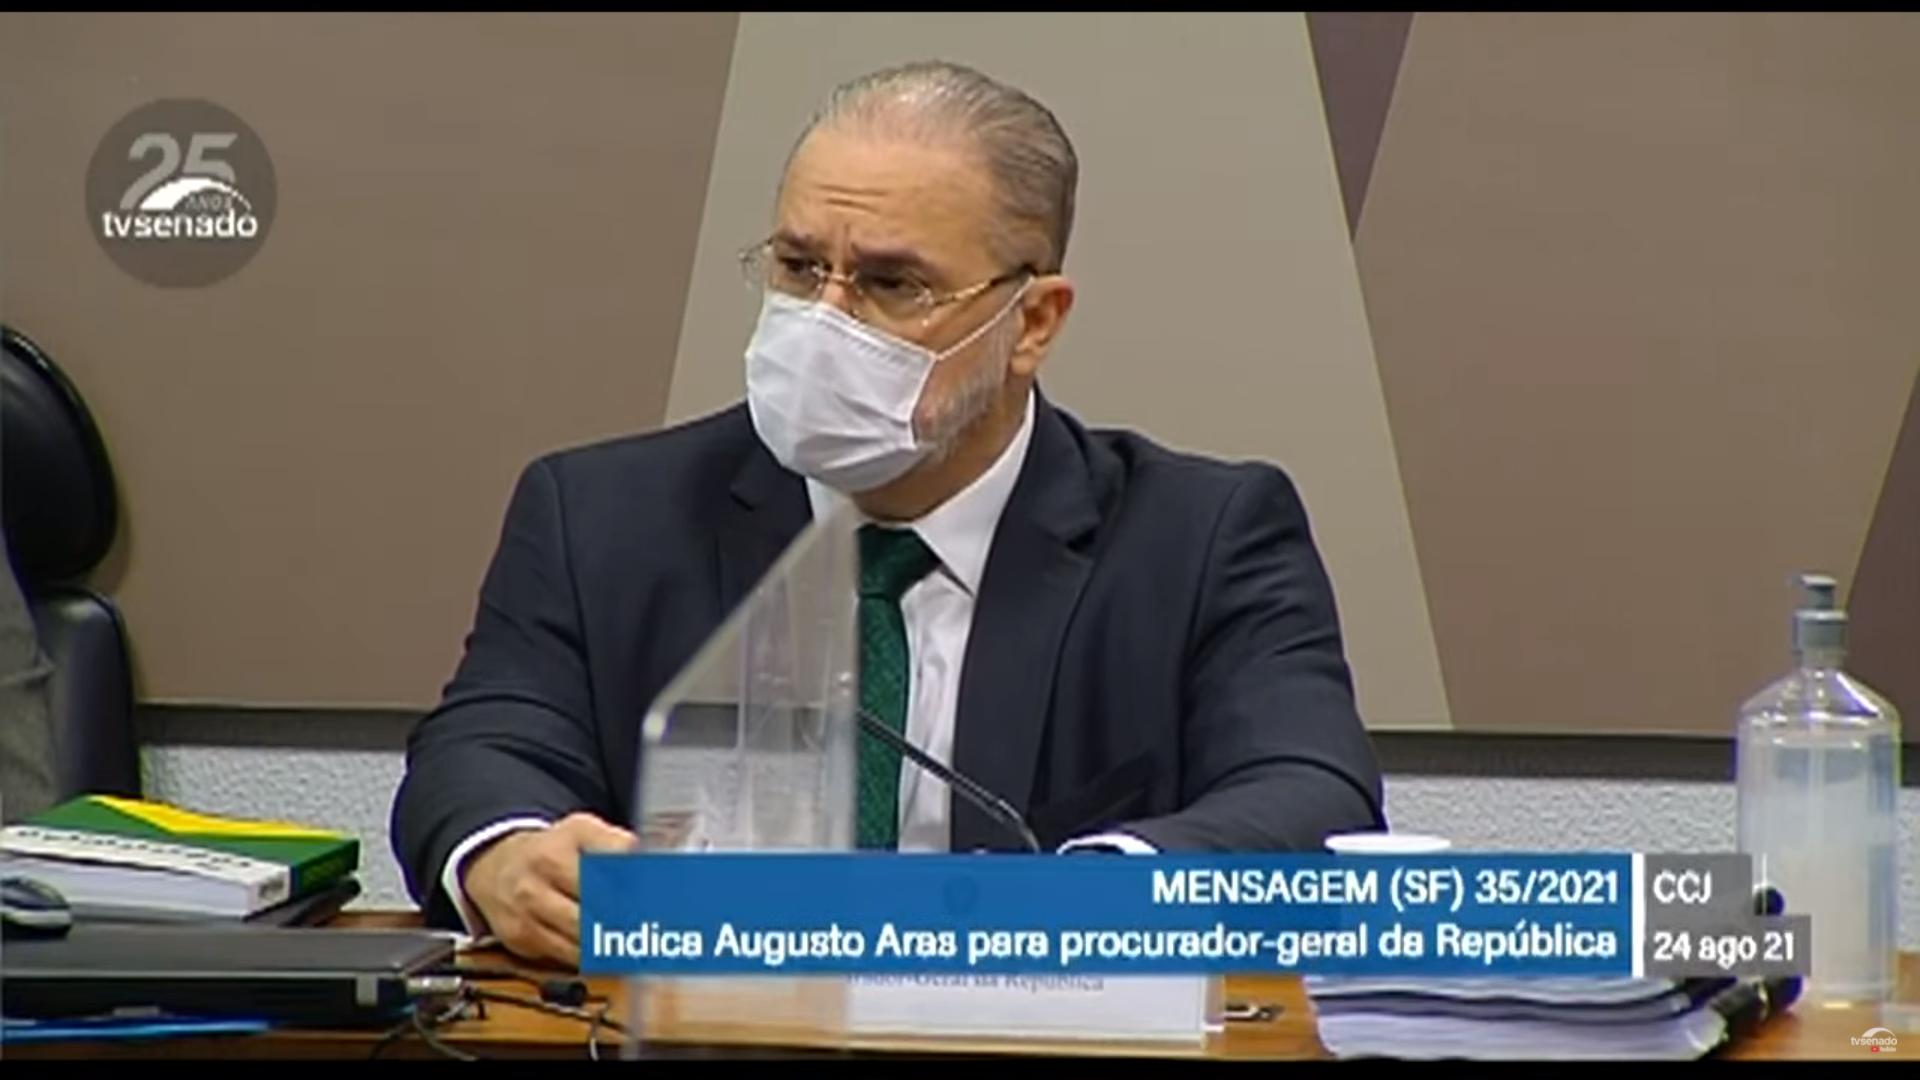 IMAGEM: Com Aras, denúncias contra políticos caíram um terço em relação à gestão Raquel Dodge